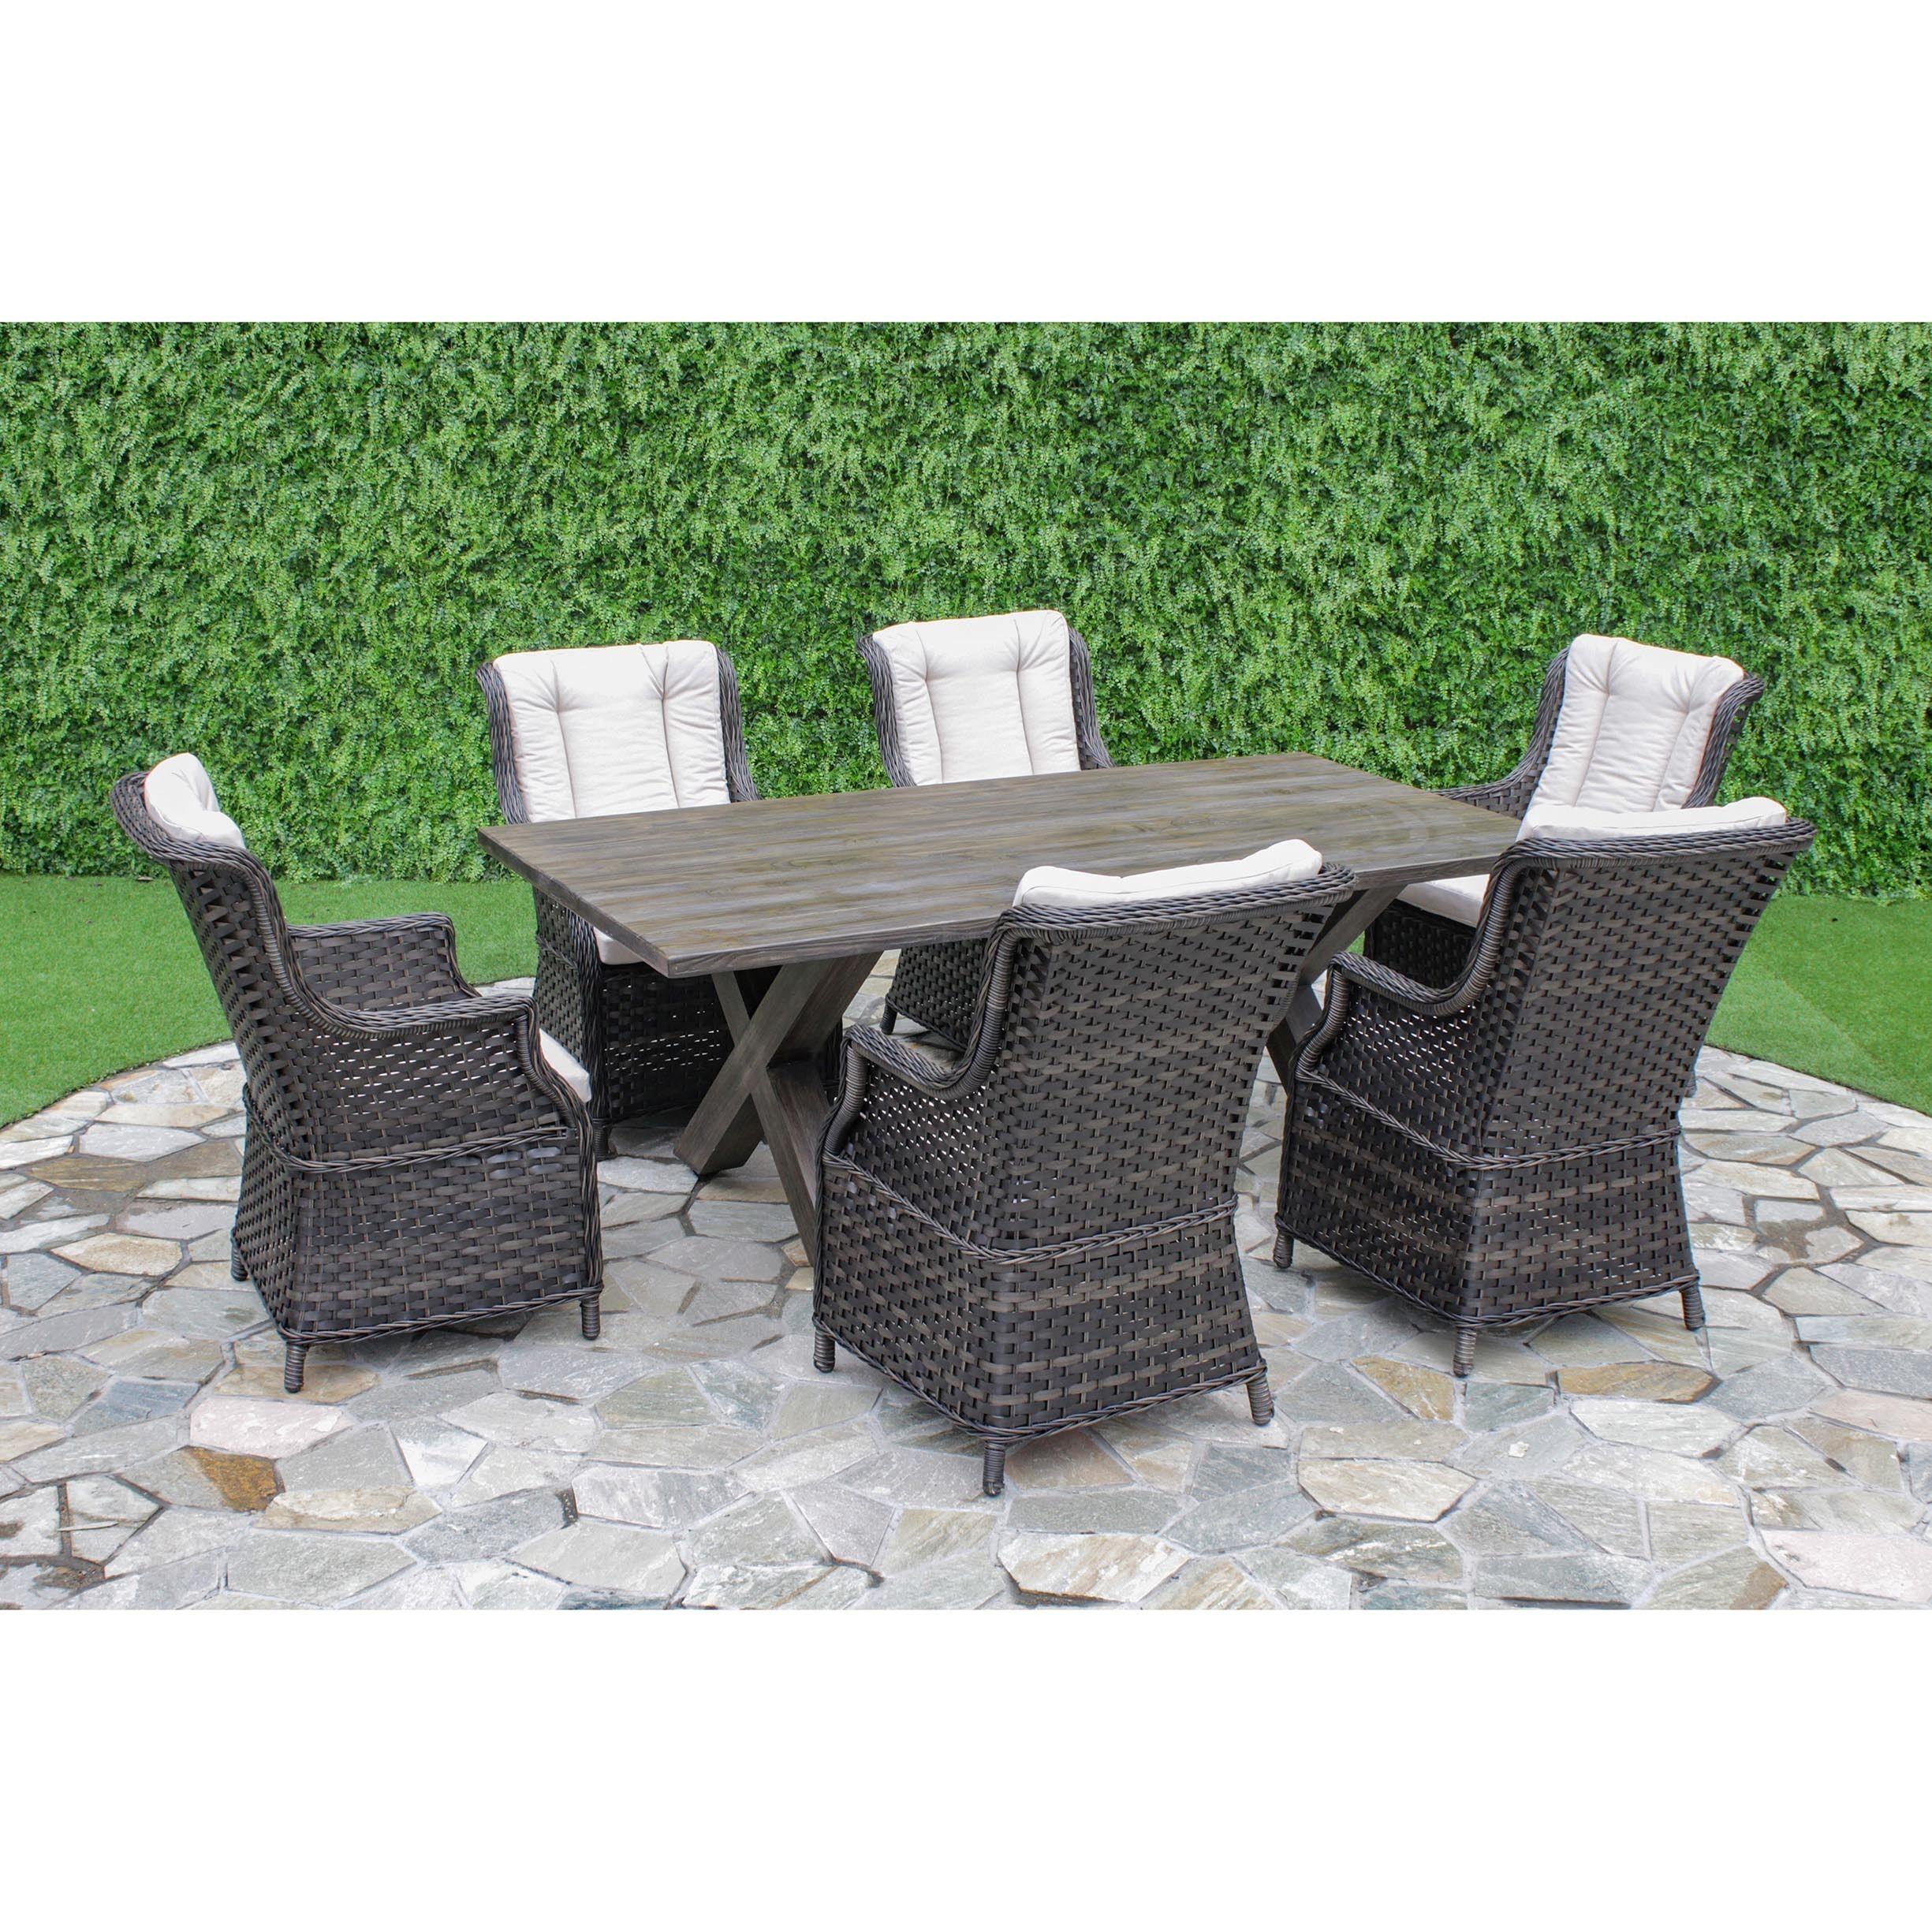 Patio Furniture 7 Piece Set palermo crossroads 7-piece outdoor dining set (palermo crossroads